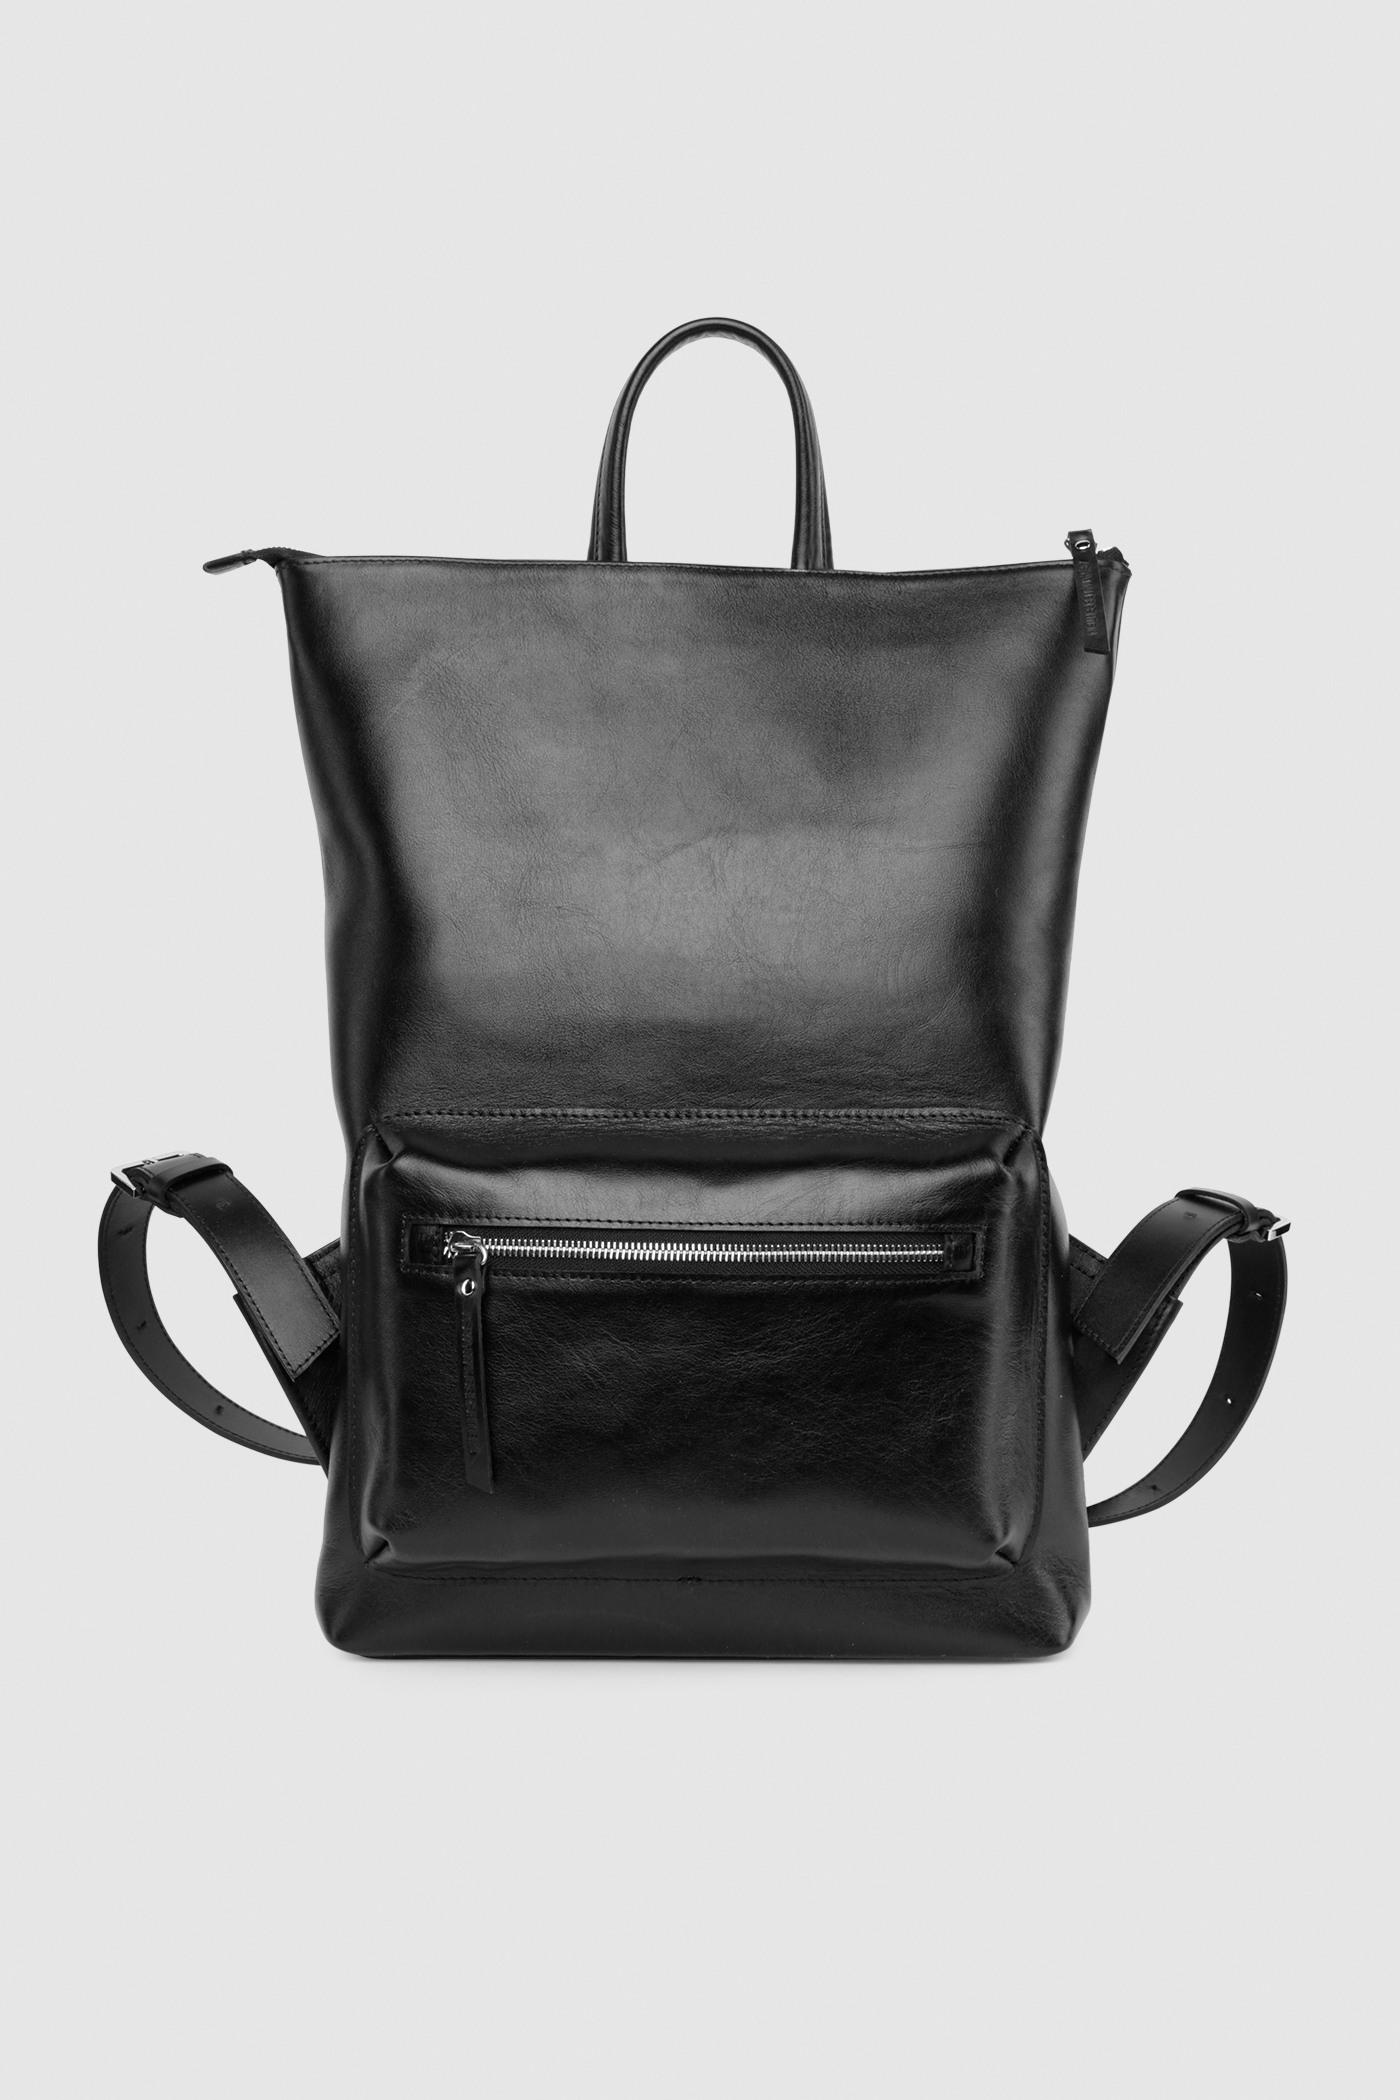 Плоский рюкзак в двух размерах S, MГородская вместительная сумка-рюкзак прямоугольной формы&#13;<br>&#13;<br>&#13;<br>большой накладной карман на молнии&#13;<br>&#13;<br>плотная полу-матовая черная кожа&#13;<br>&#13;<br>унисекс&#13;<br>&#13;<br>большое основное отделение&#13;<br>&#13;<br>спереди и сзади небольшие карманы на молнии&#13;<br>&#13;<br>лямки на регуляторах из ремневой кожи&#13;<br>&#13;<br>тканевая подкладка&#13;<br>&#13;<br>размеры: S — 41х30 см, M — 48х37 см, идеально поместится MacBook 13<br><br>Цвет: Черный, Белый<br>Размер: S, M